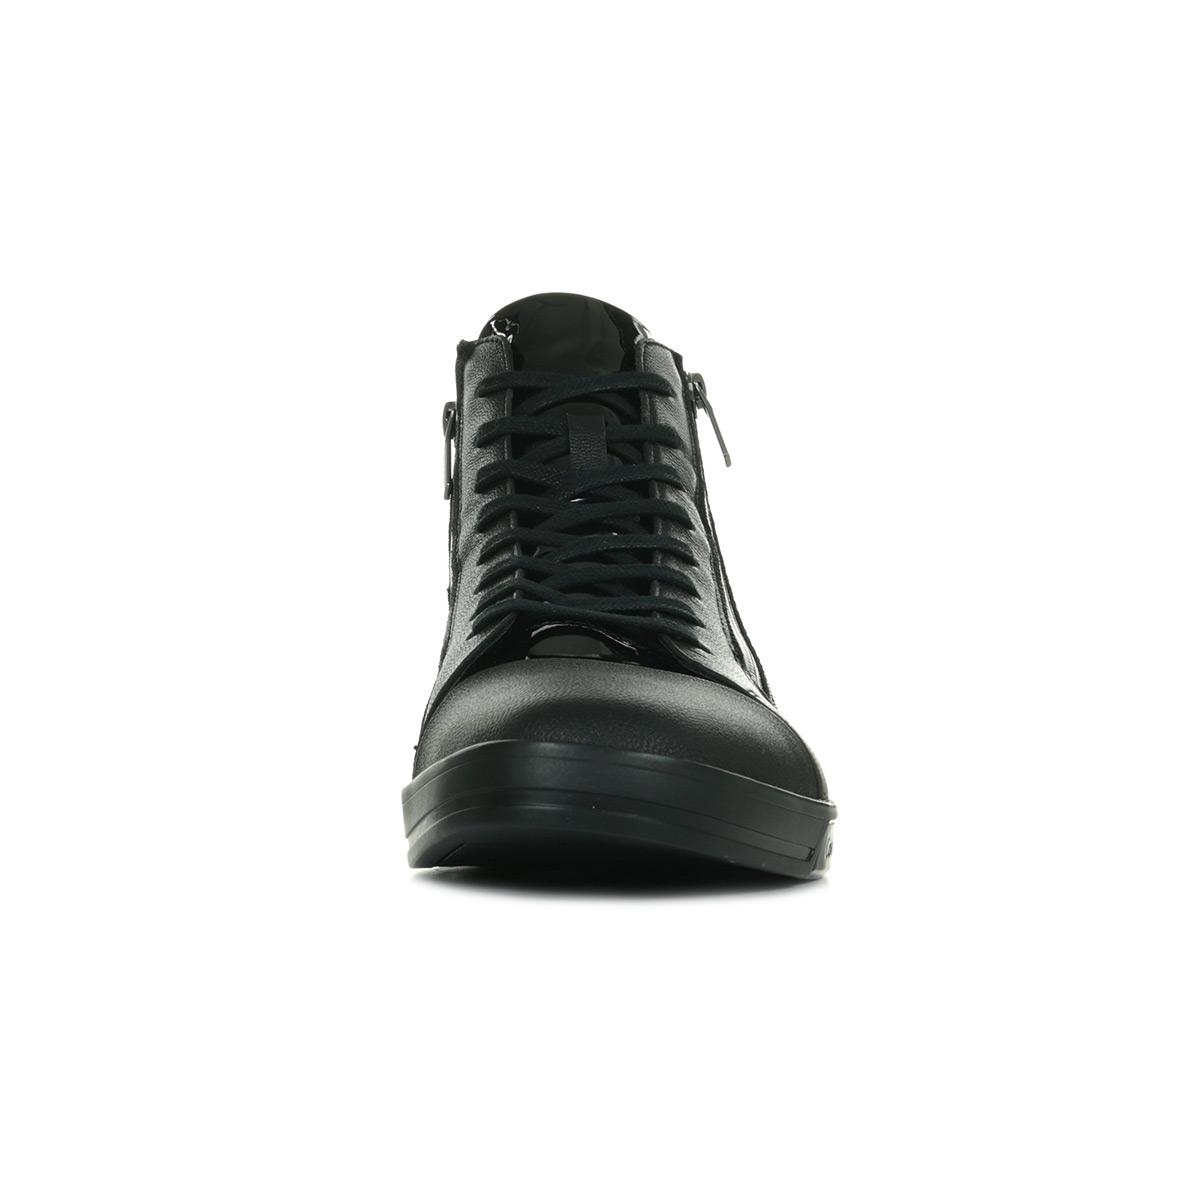 Calvin Klein Mode F0753 Patent Smooth Homme BlackBaskets SLUzGMjpqV